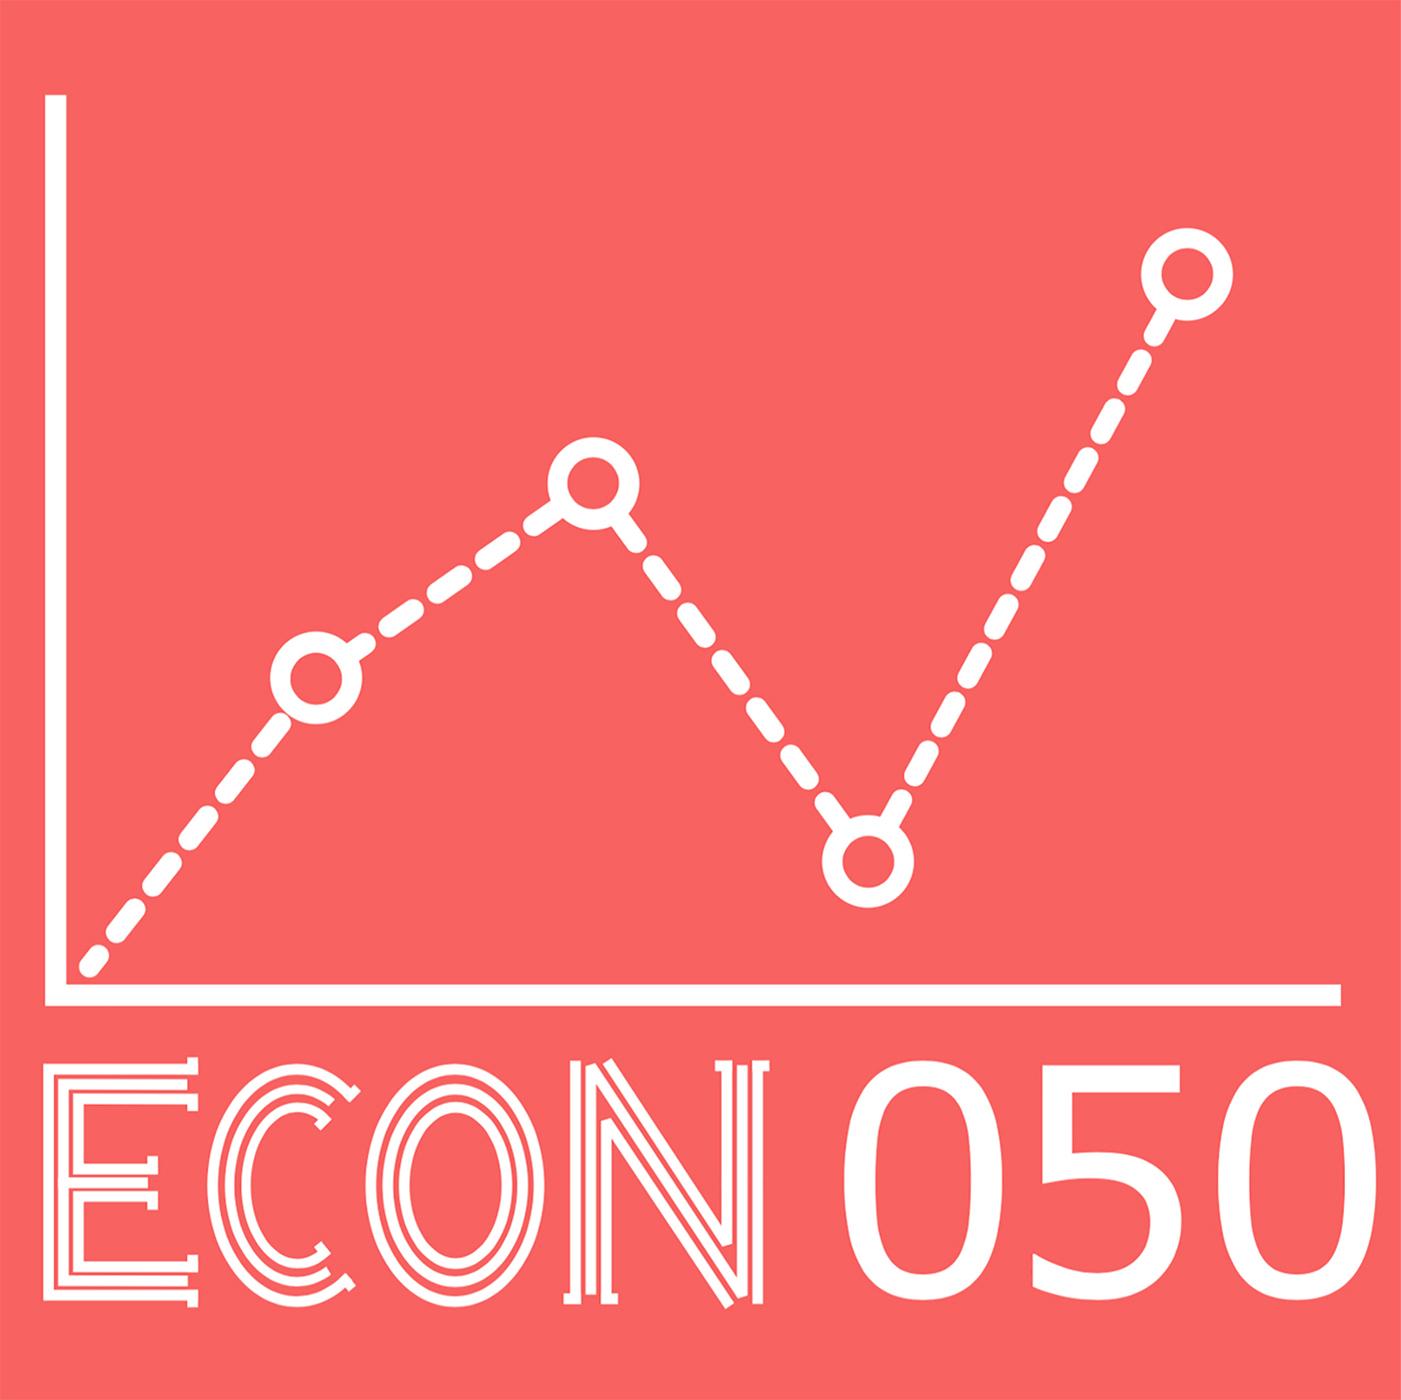 Econ 050 show image